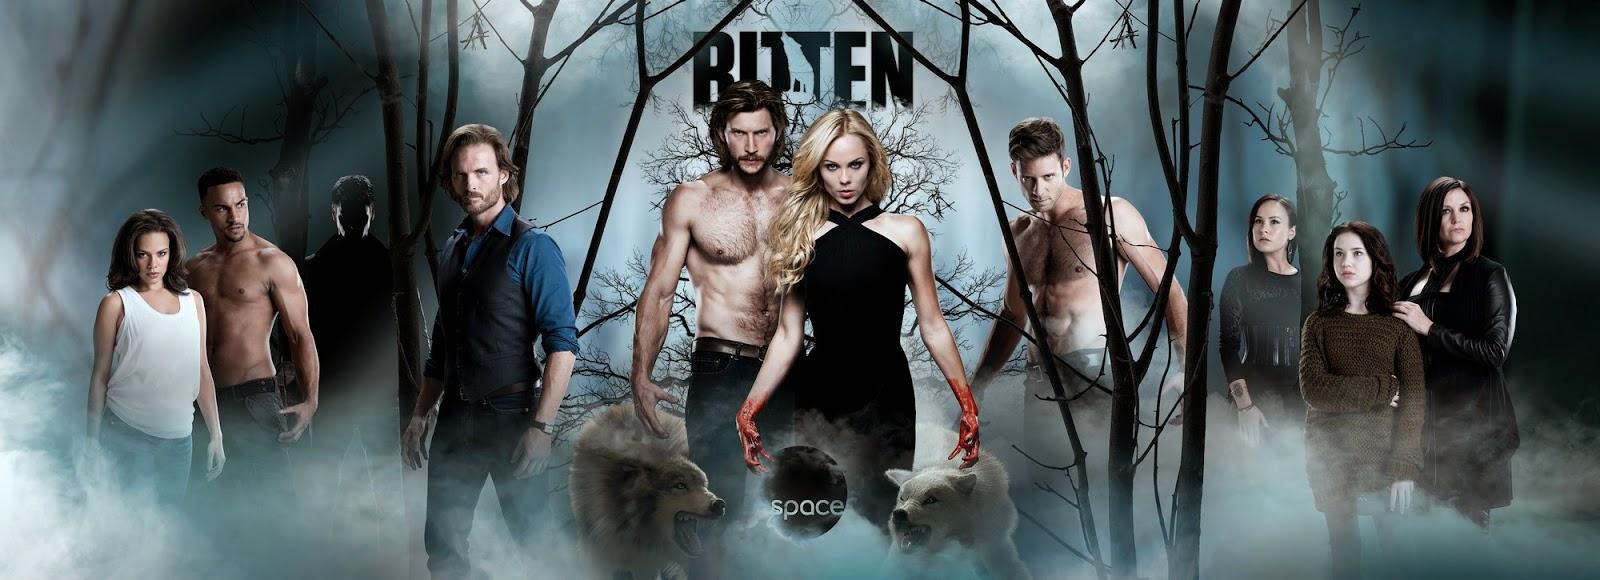 bitten tv show on syfy: season 3